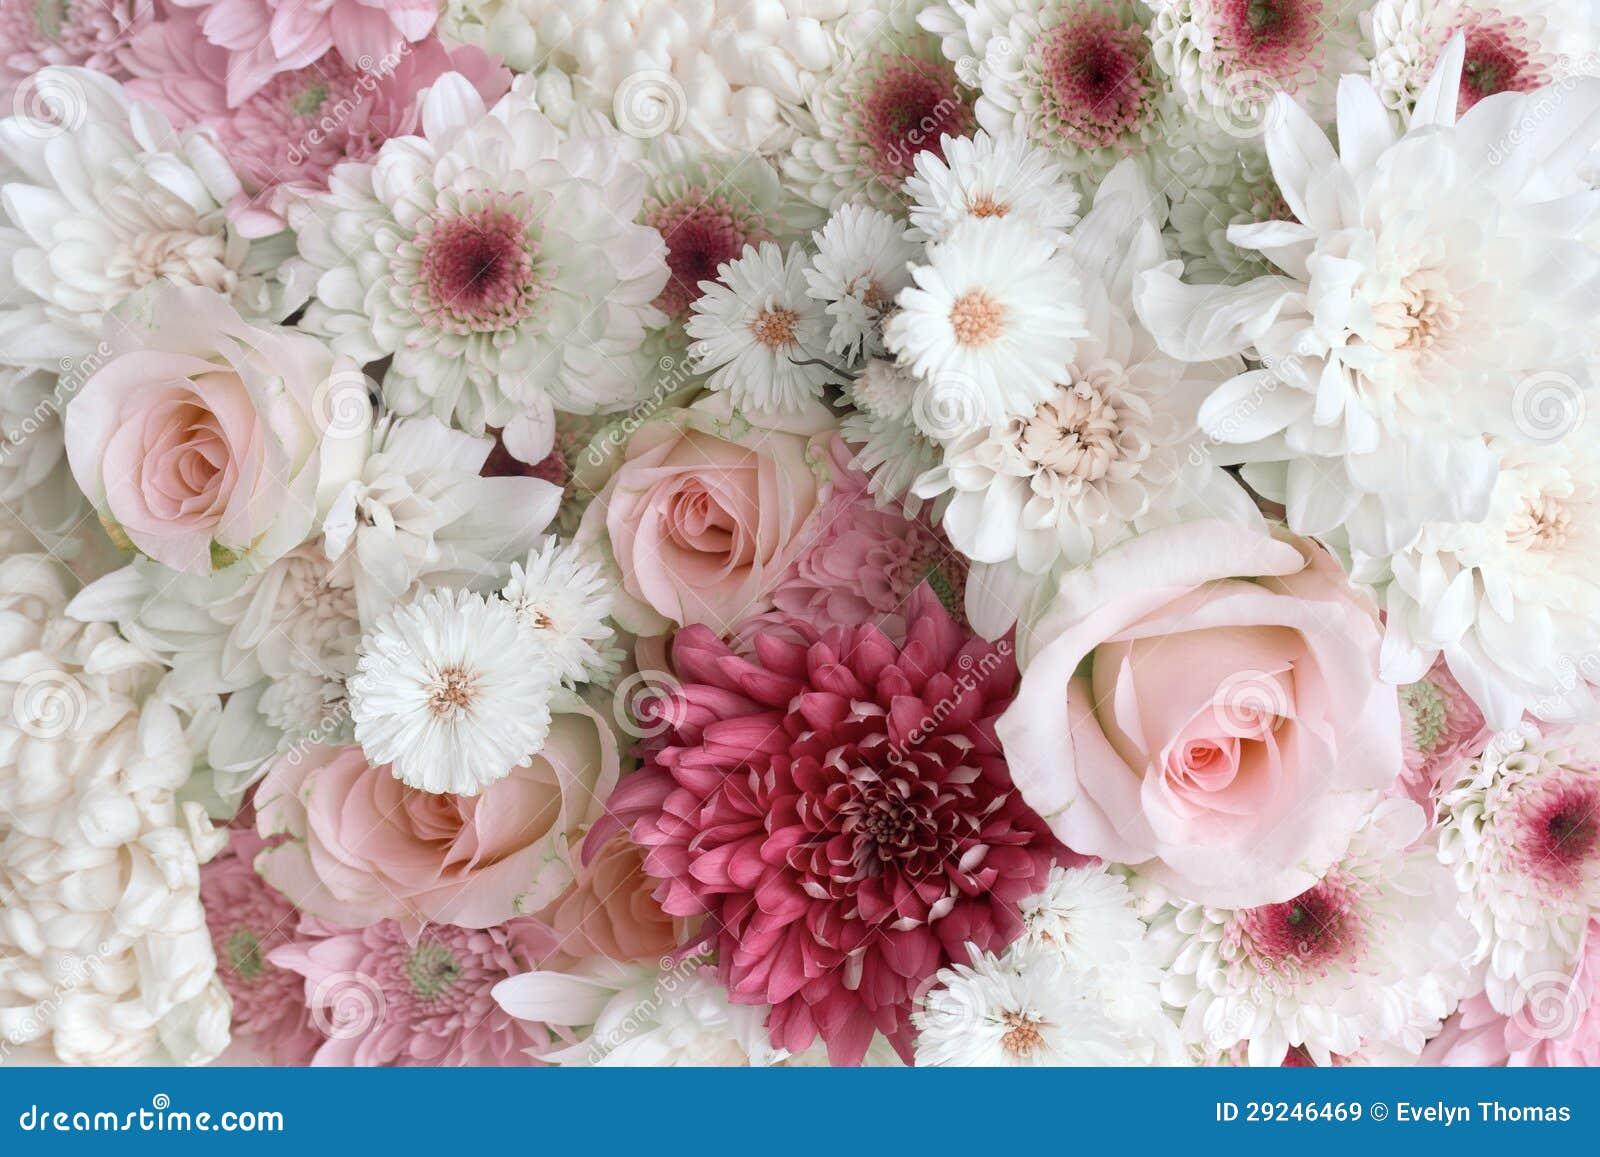 Download Rosas e margaridas imagem de stock. Imagem de arranjo - 29246469